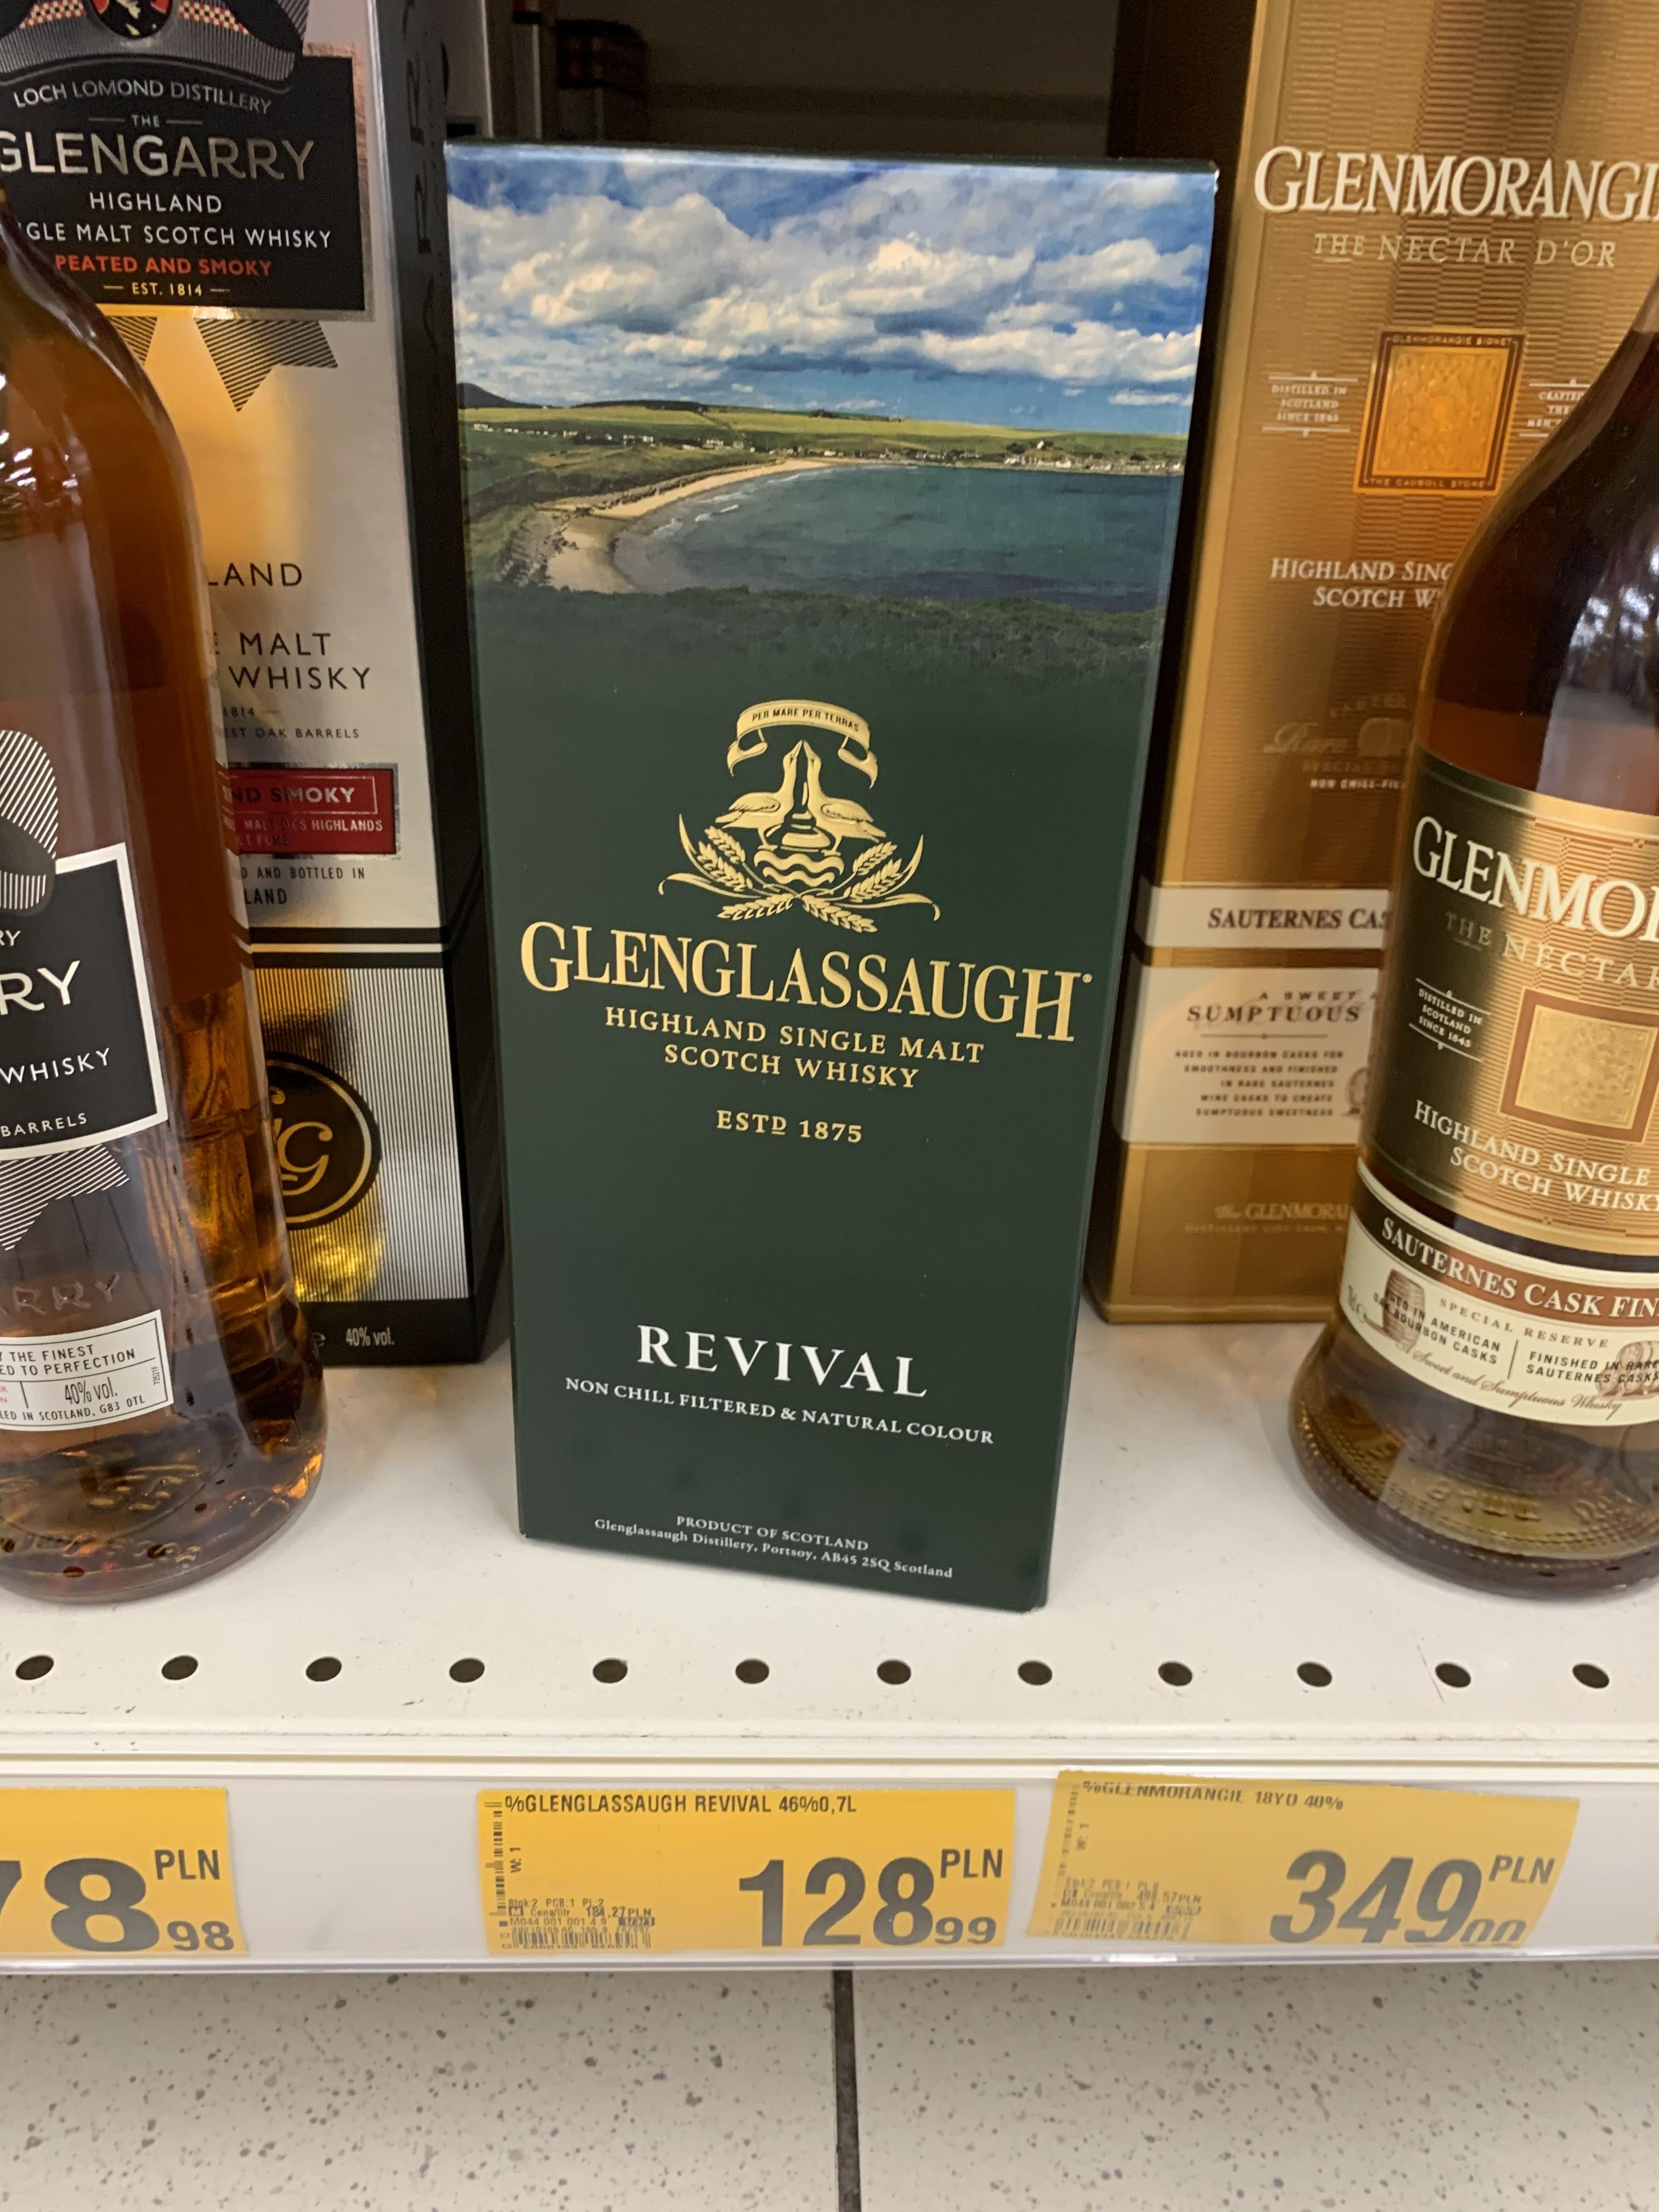 Whisky Glenglassaugh revival 0,7l